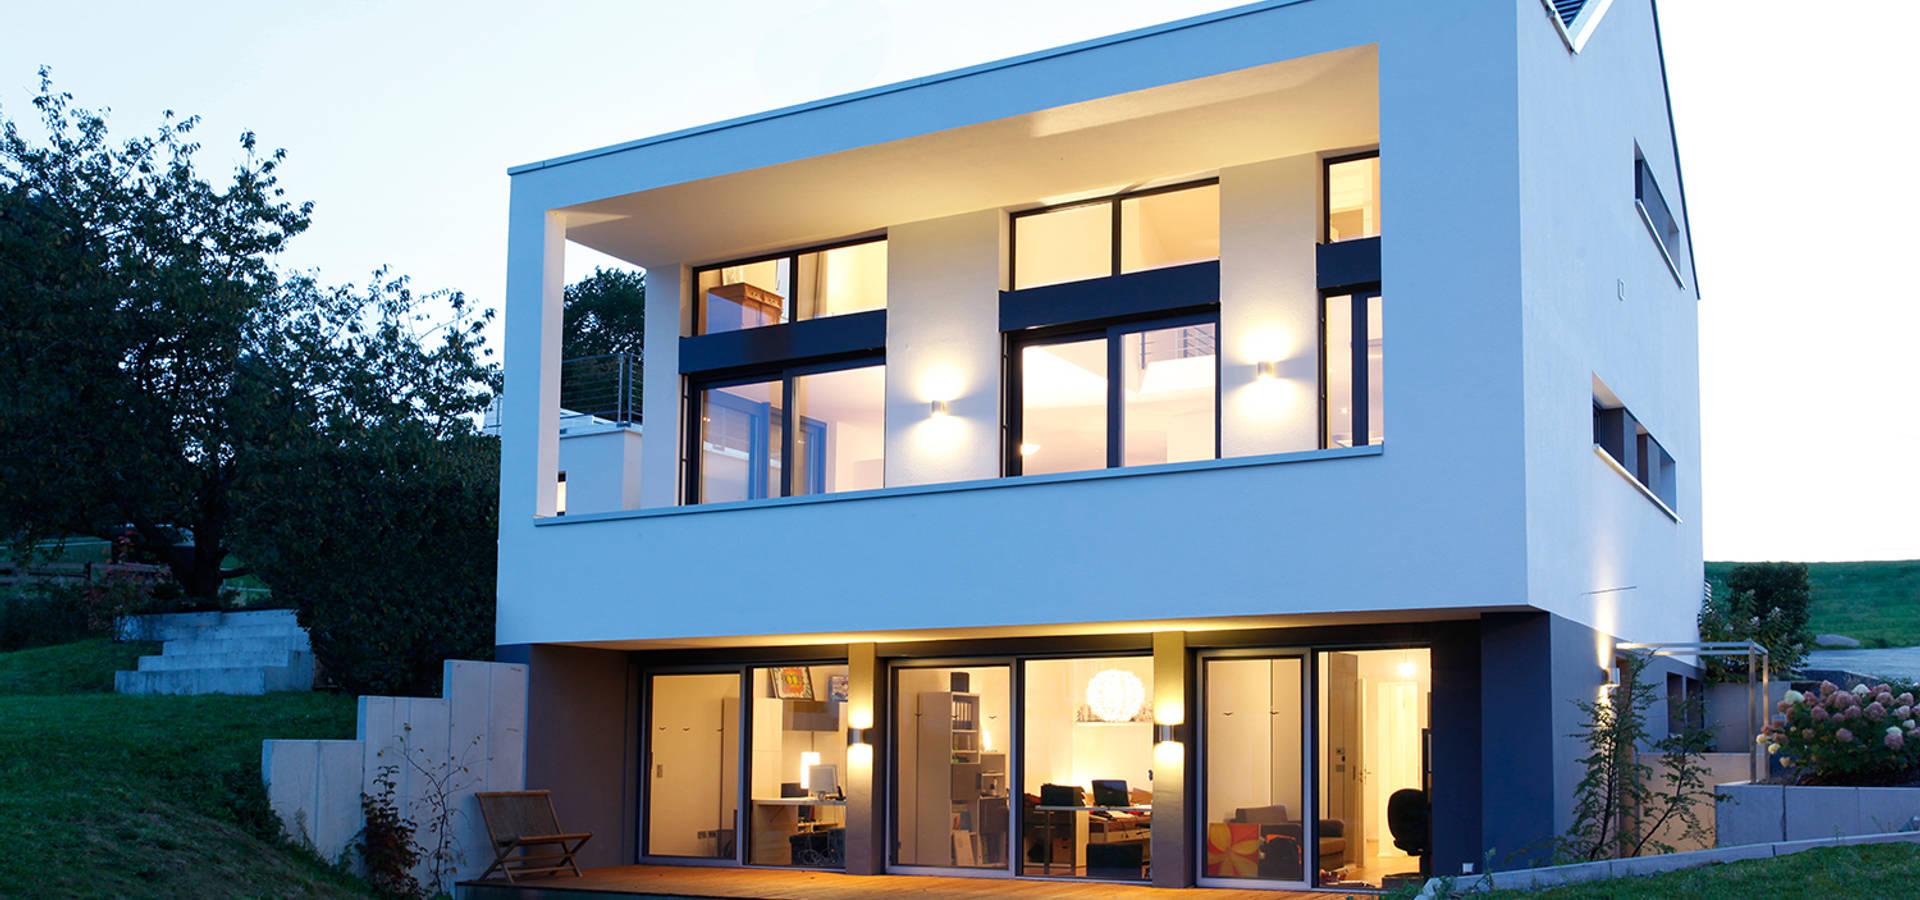 Neubau Einfamilienhaus by BITSCH + BIENSTEIN Architekten GbR BDA ...